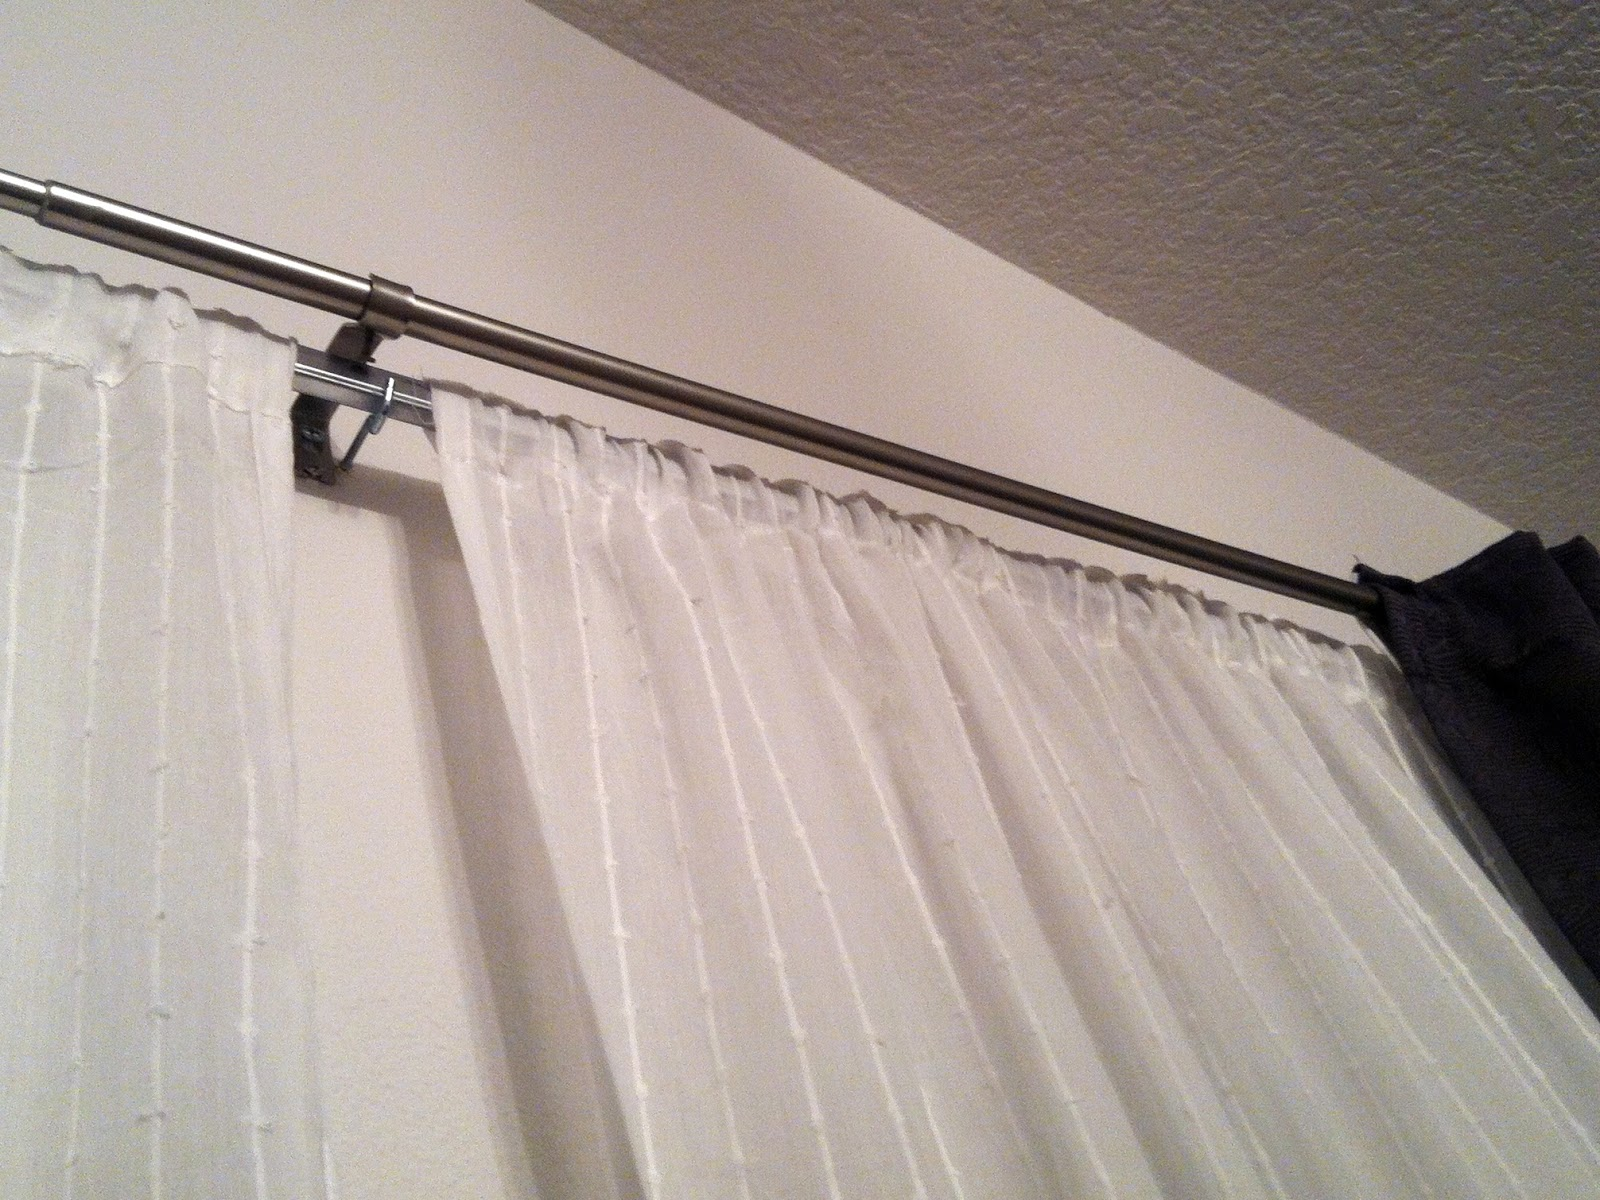 Карниз для штор под натяжной потолок: фото в интерьере и советы по выбору